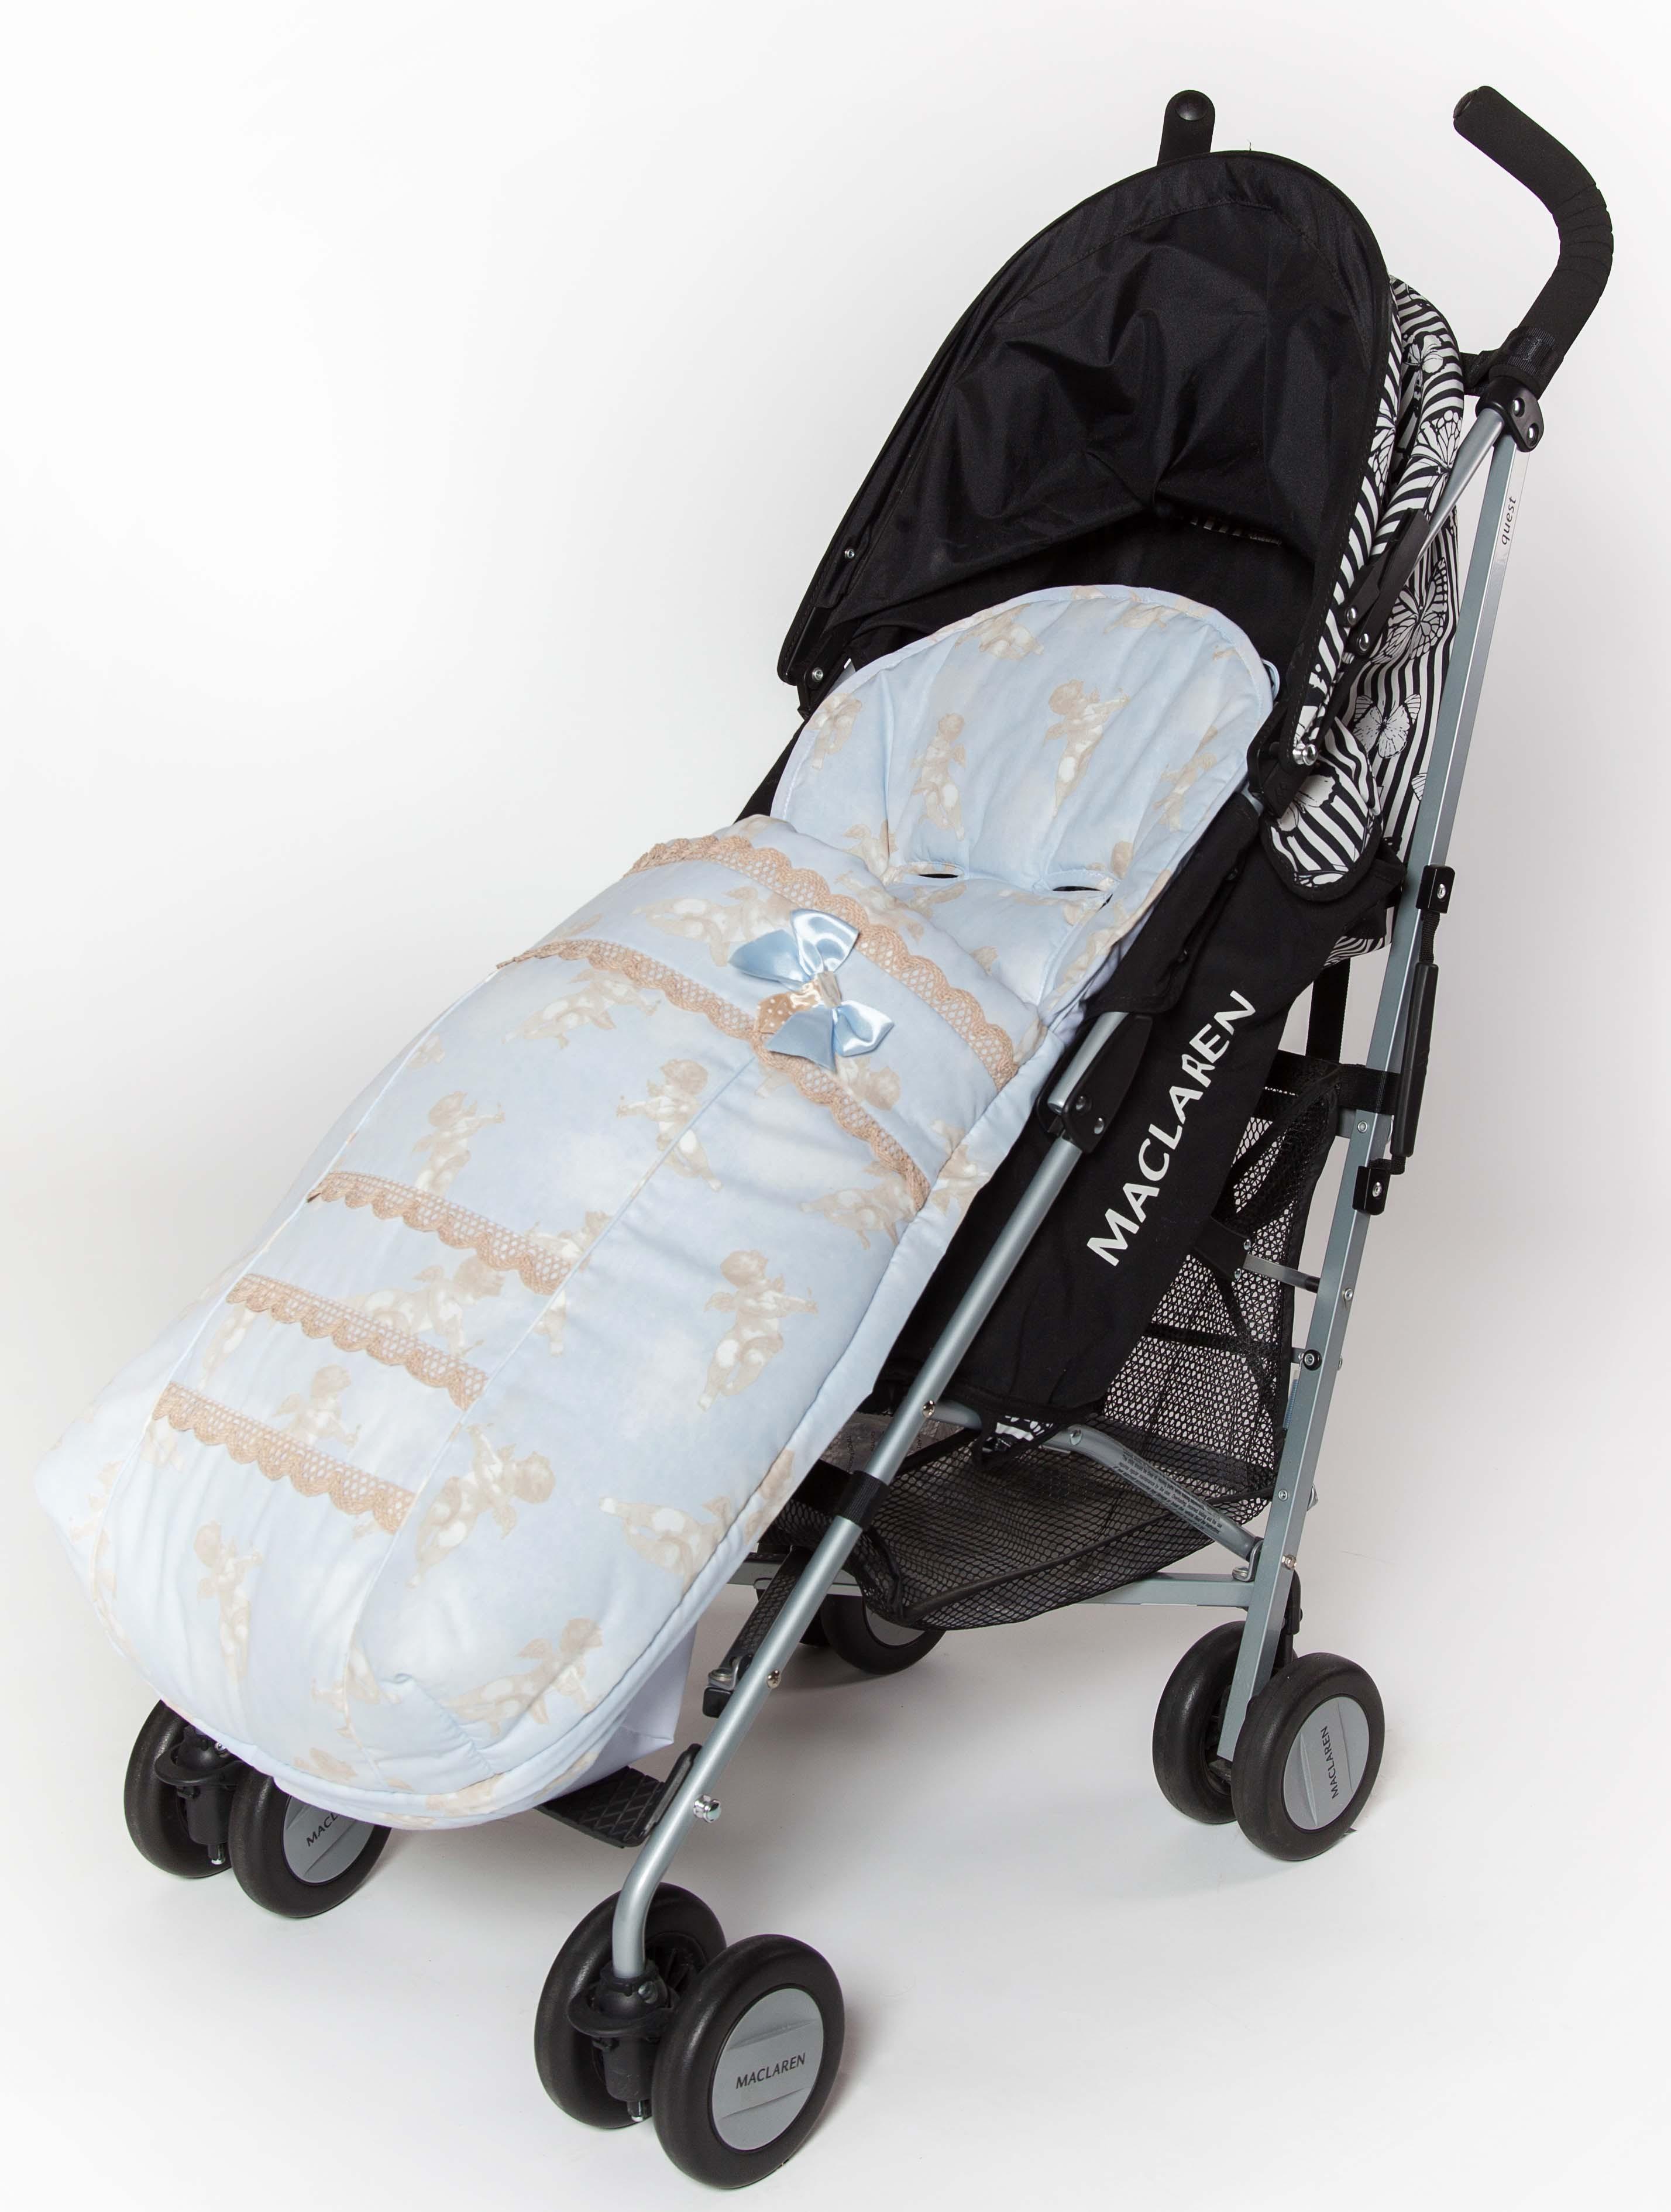 Sacos de beb en tienda beb online PARANENESYNENAS